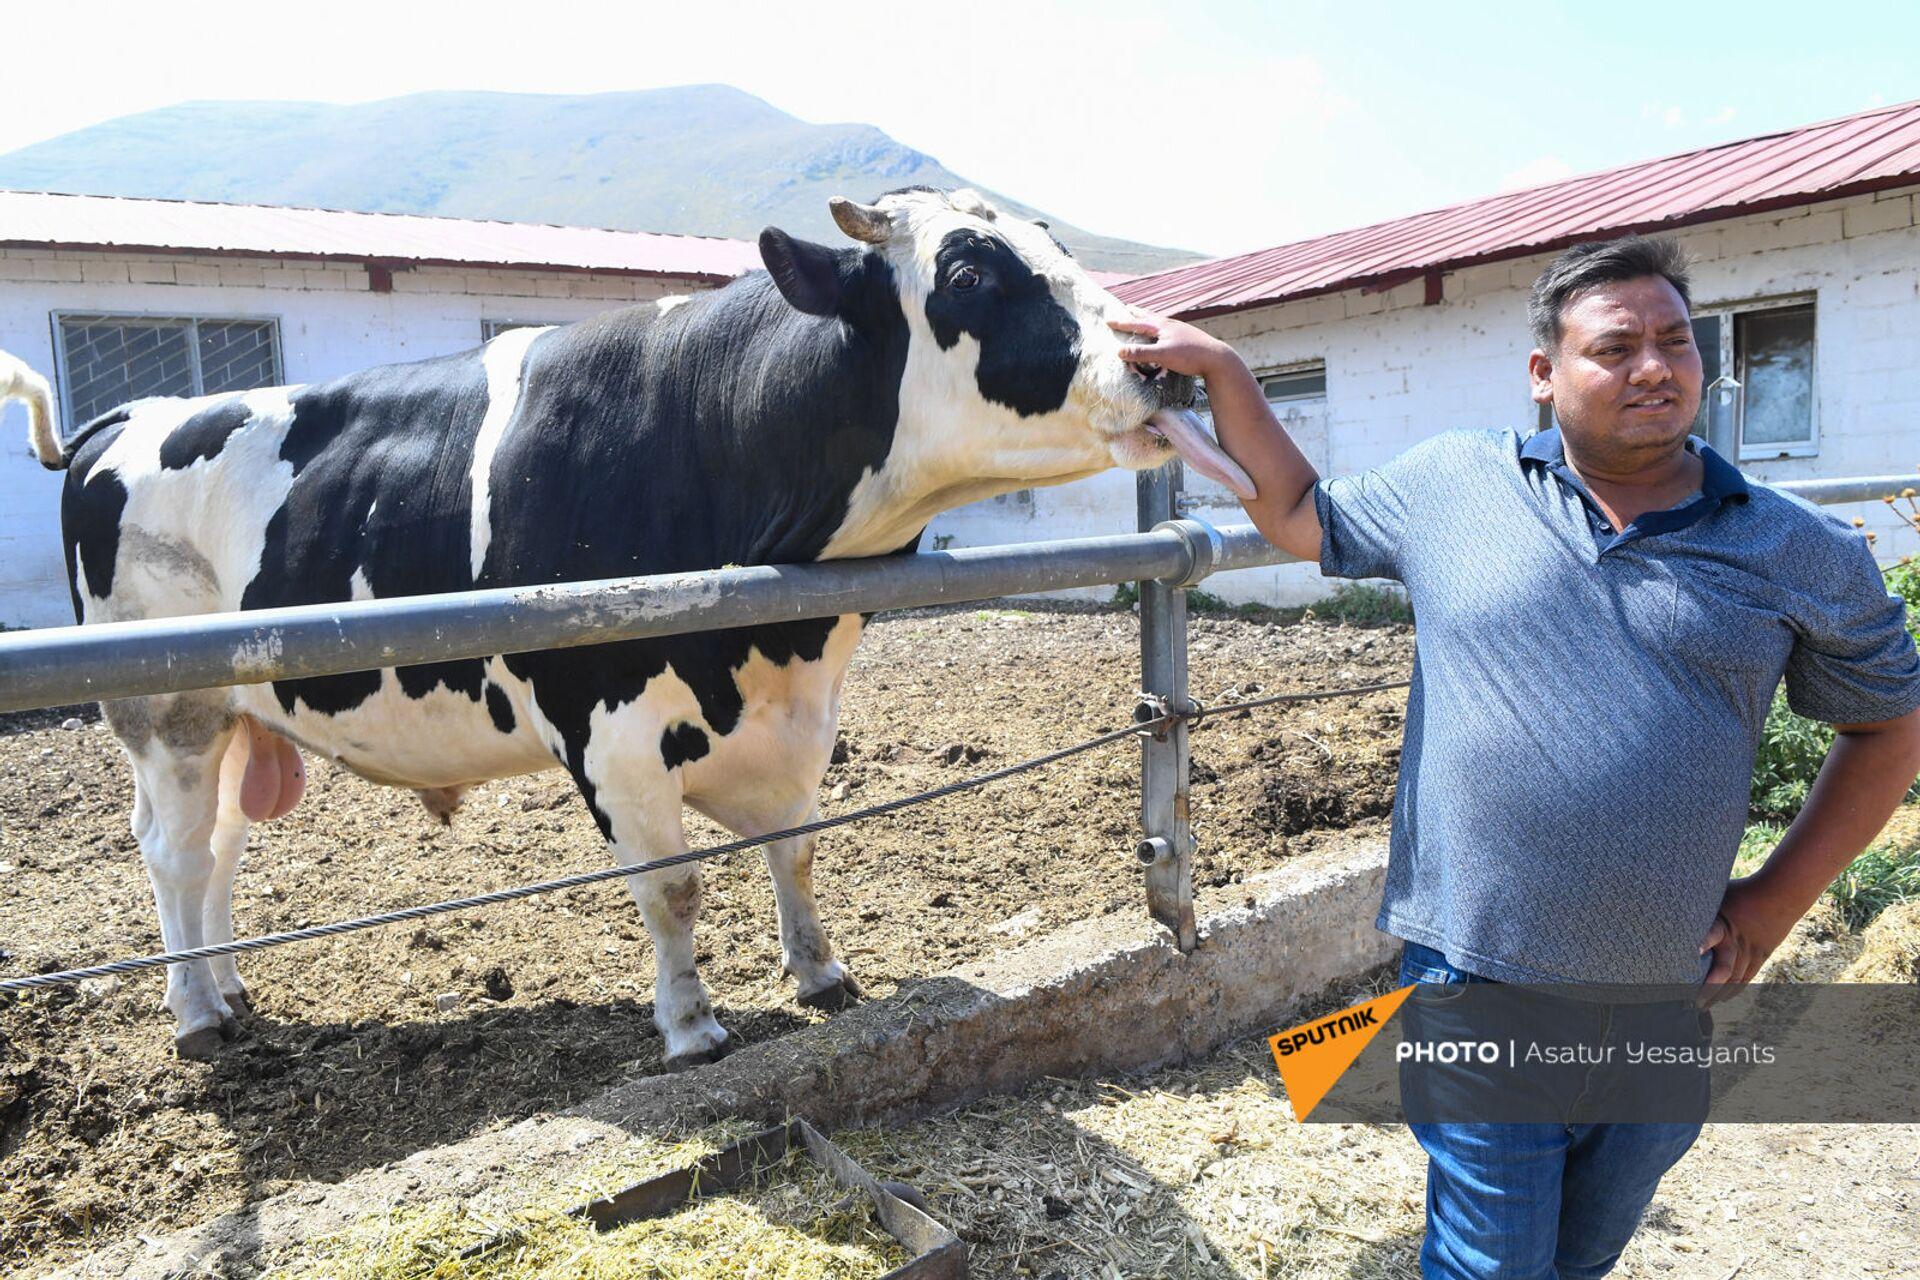 26-летний Шаке из Индии на ферме компании Агрохолдинг - Sputnik Армения, 1920, 14.09.2021